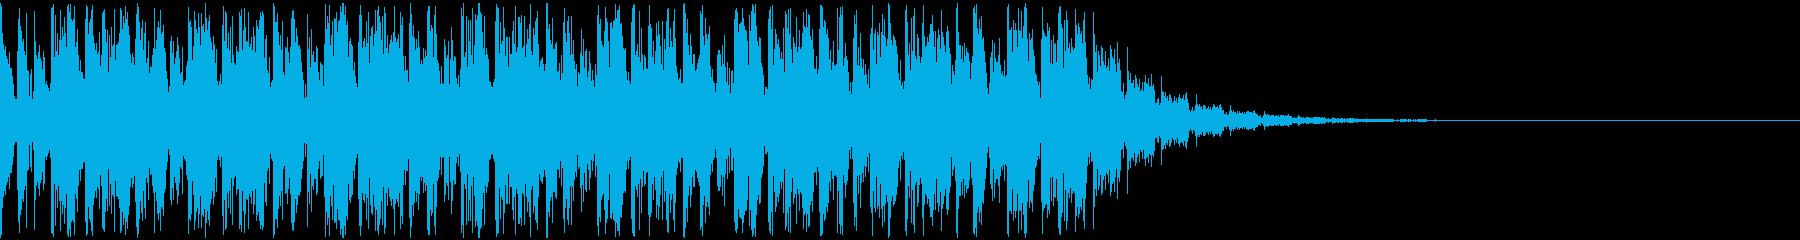 【EDM】トランス、ロング7、ショート1の再生済みの波形